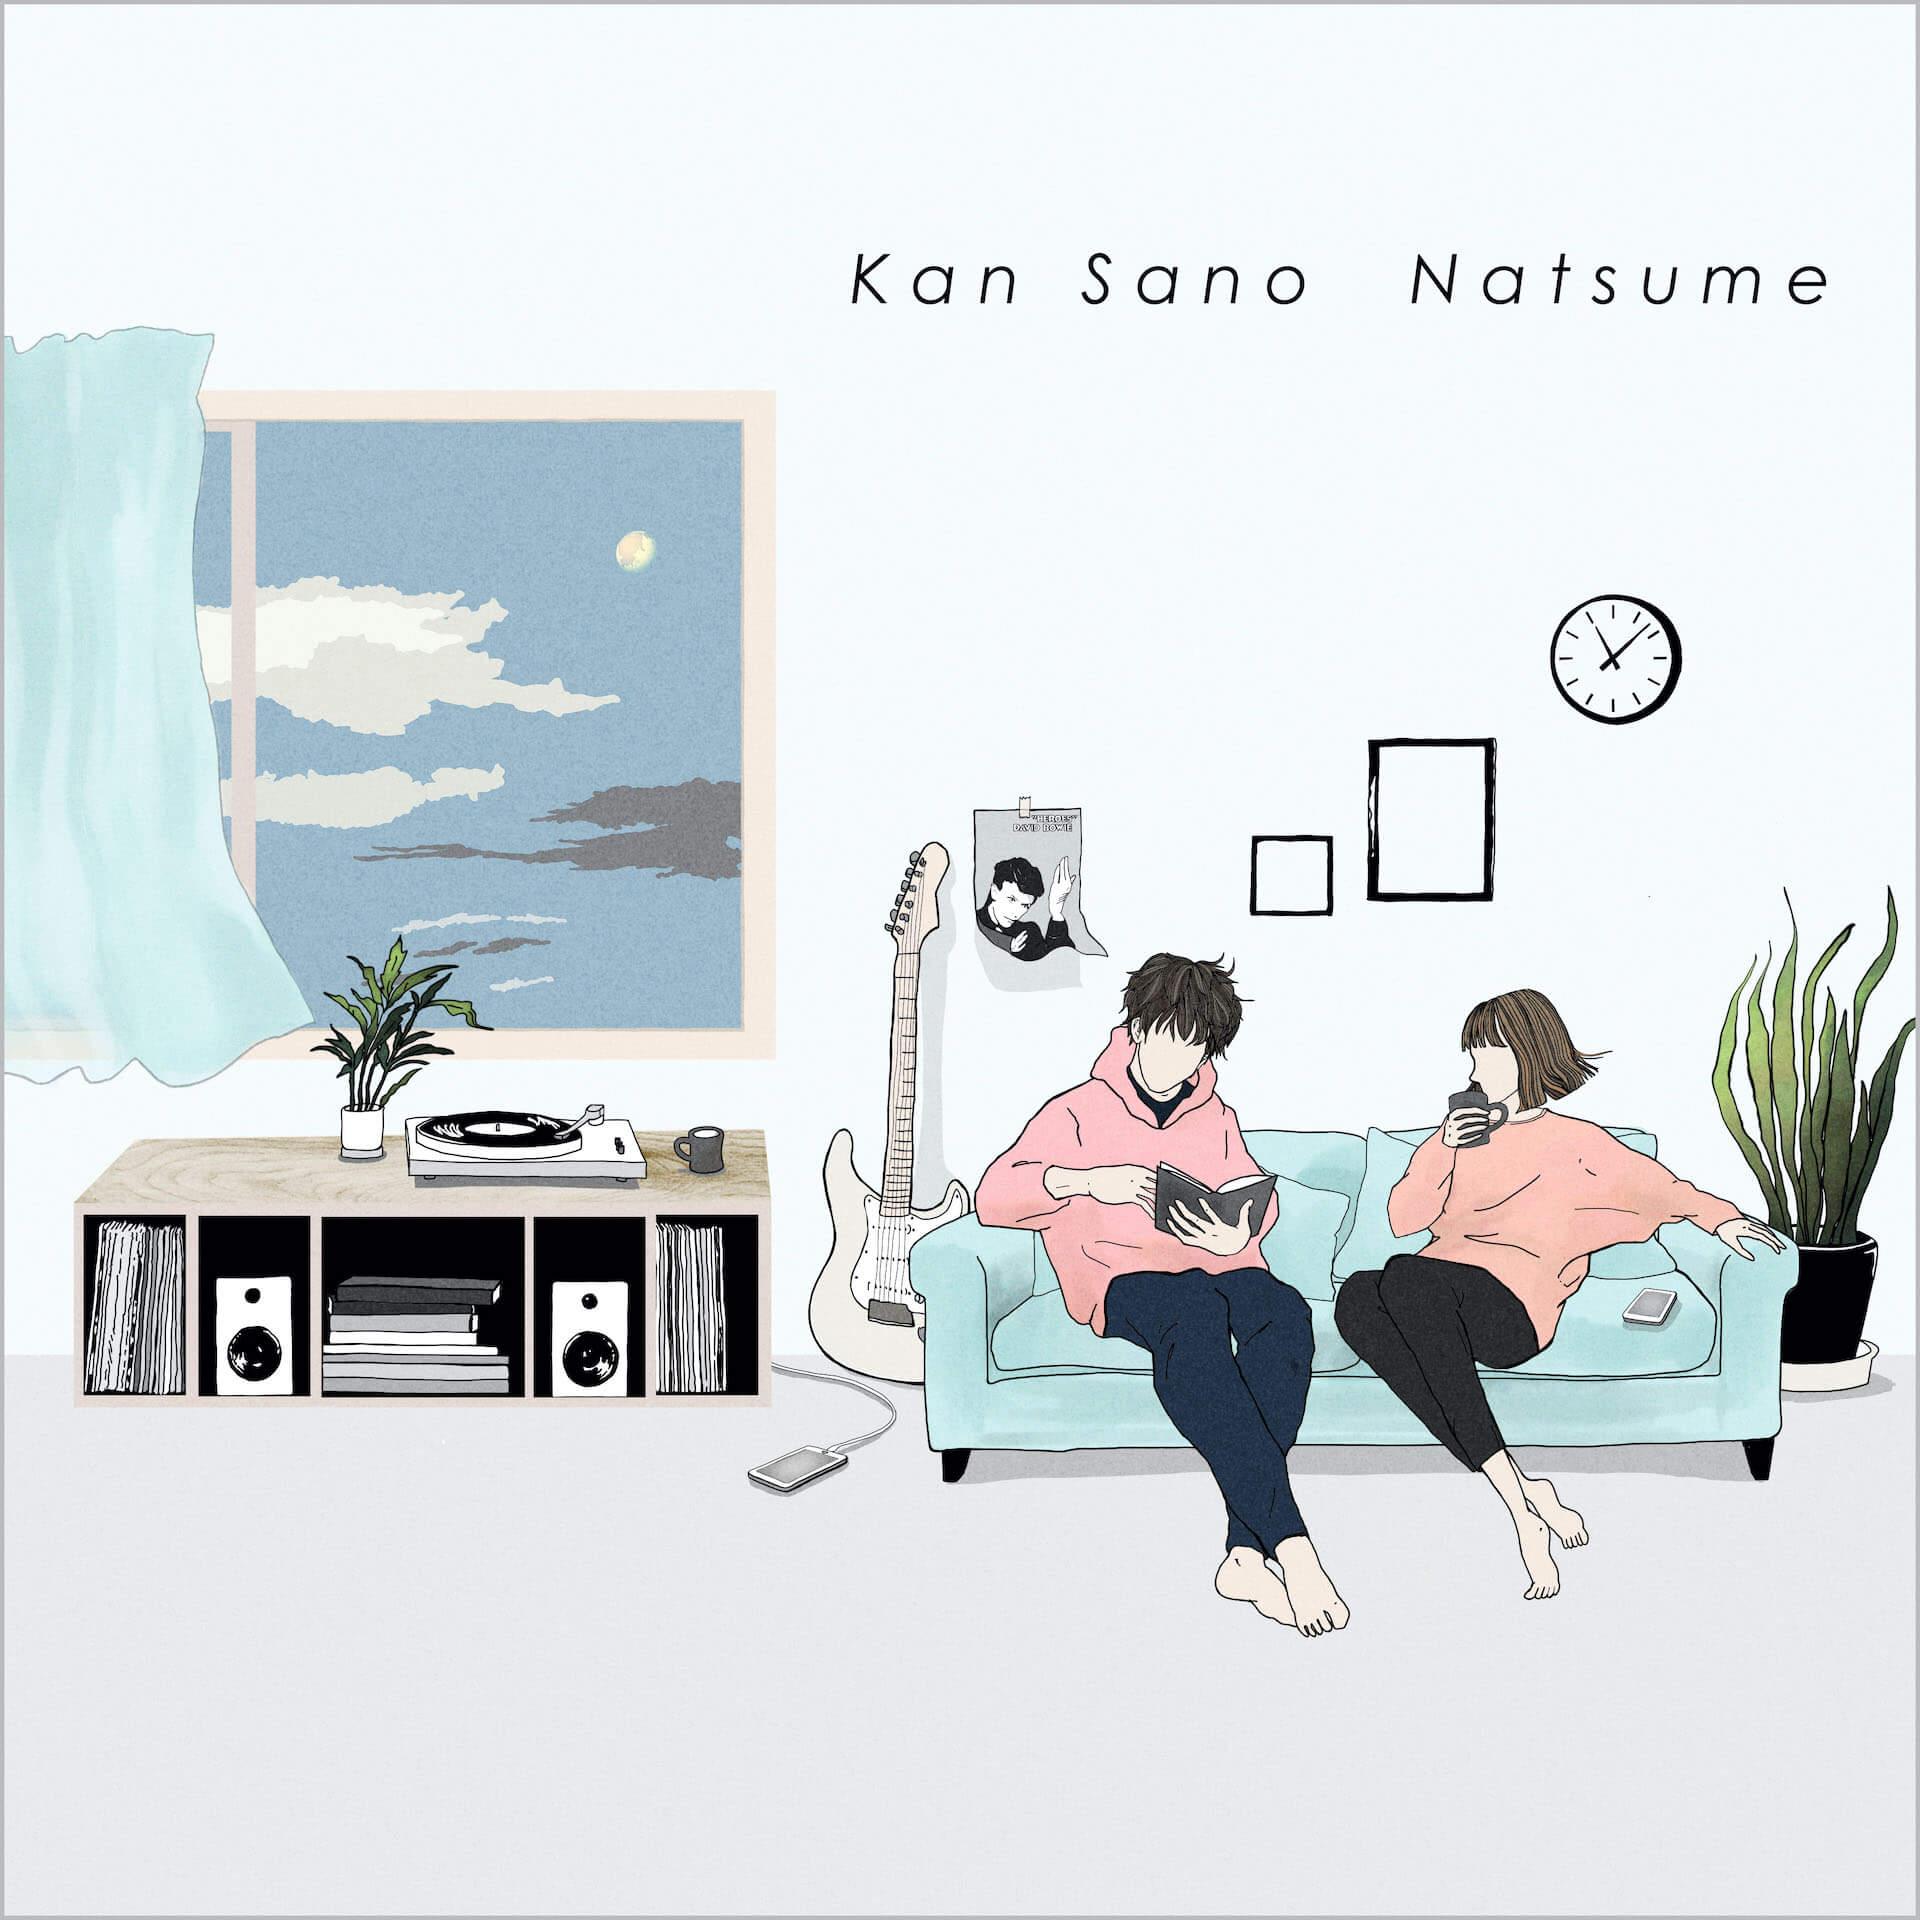 """バカリズム脚本ドラマ『住住』のKan Sanoによる主題歌""""Natsume""""が待望の7インチ化リリース決定! music210618_kansano2"""